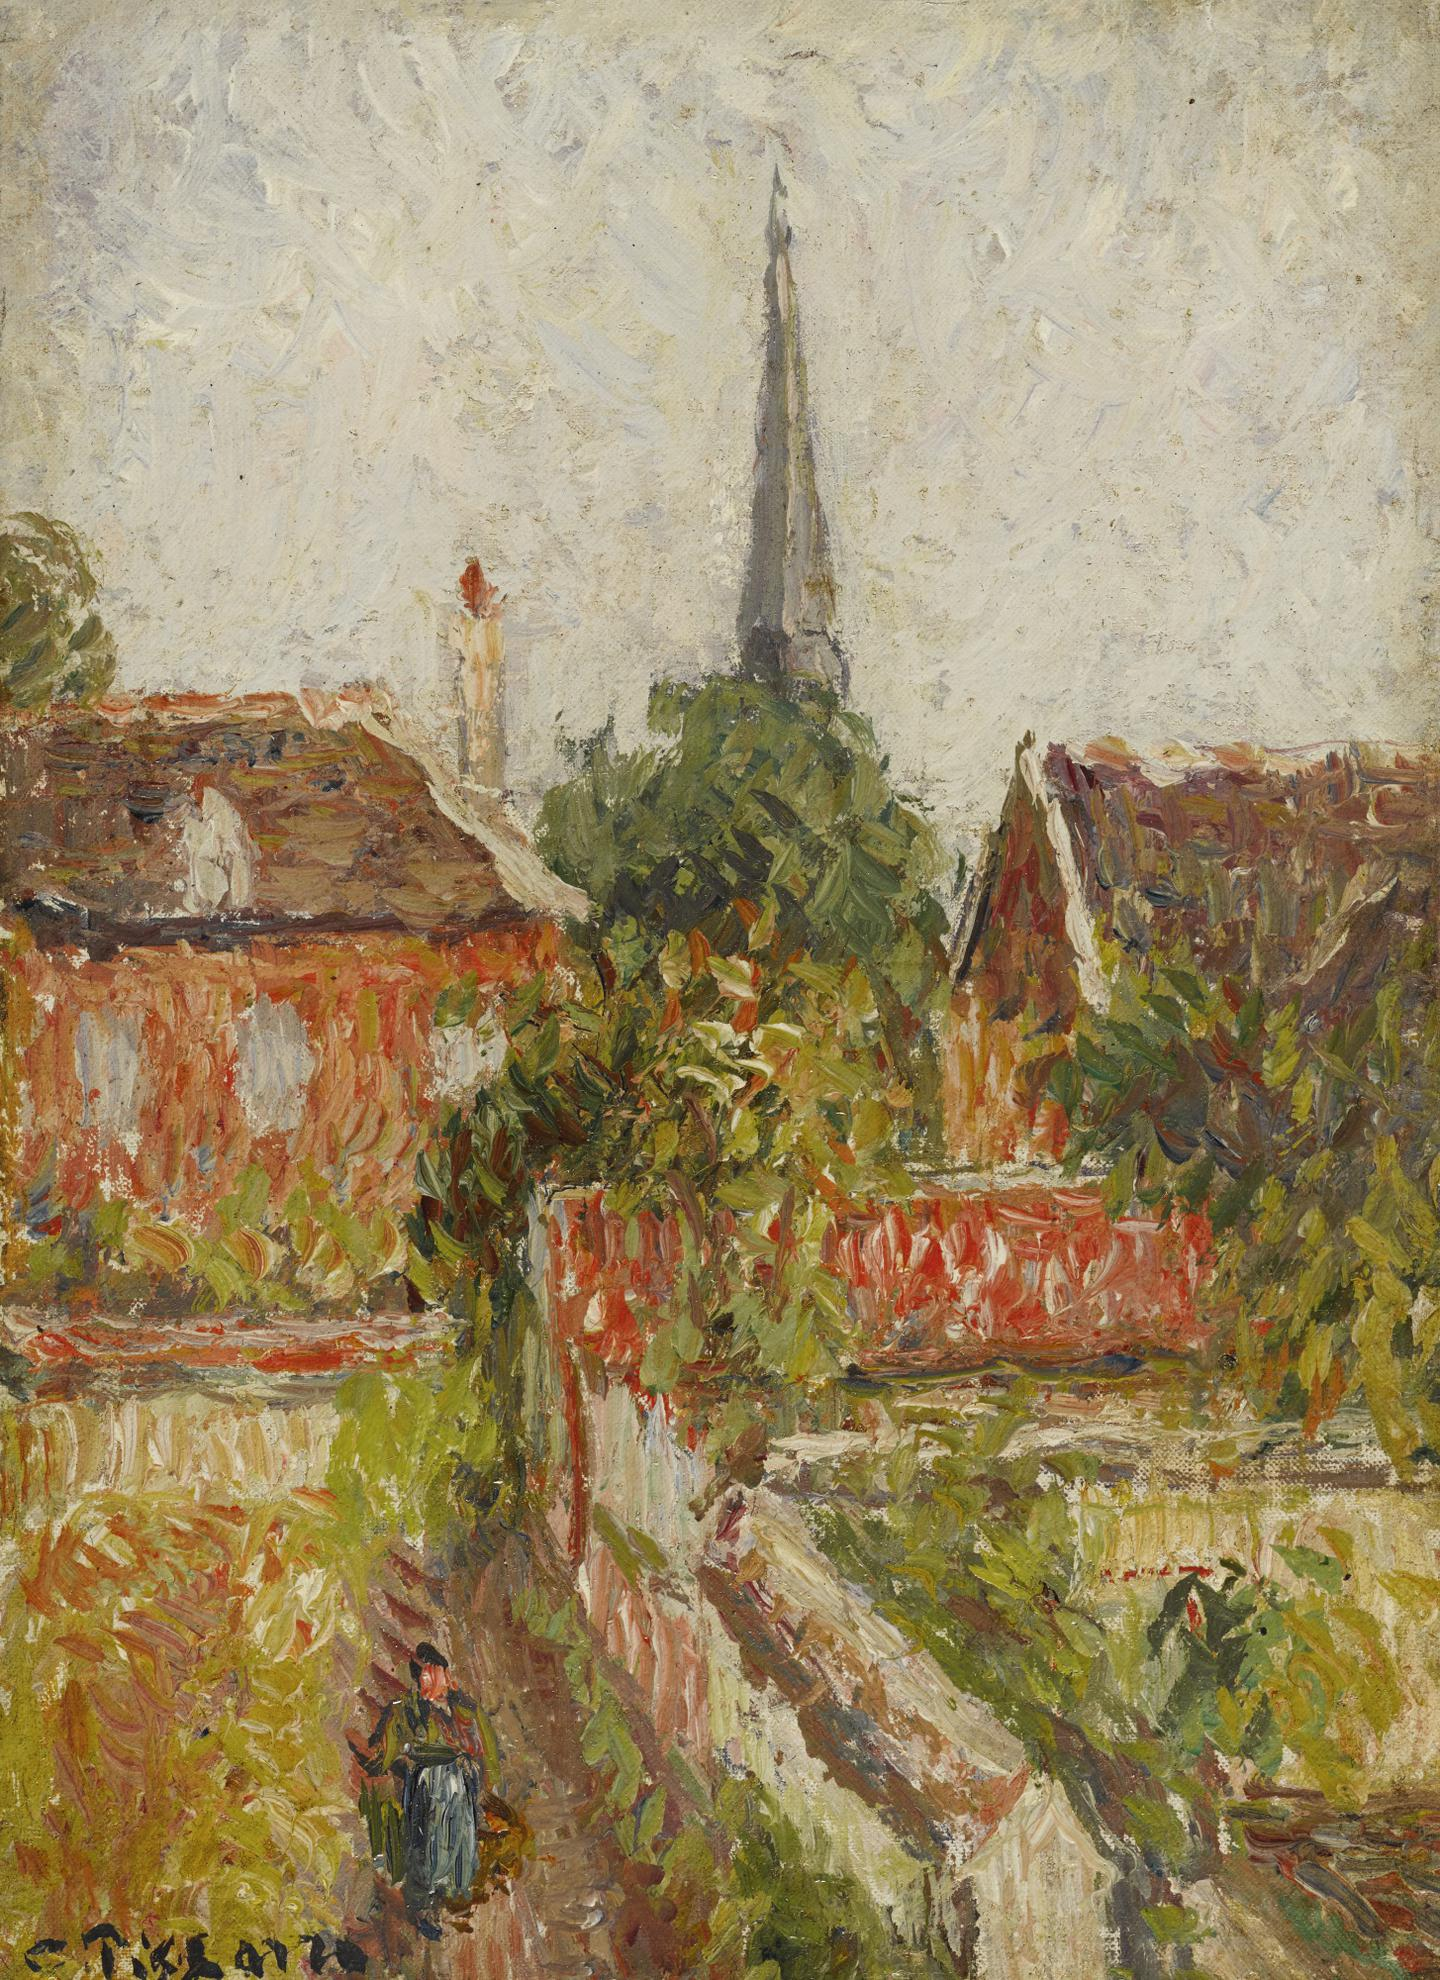 Camille Pissarro-La Maison De La Sourde Et Le Clocher Deragny-1894